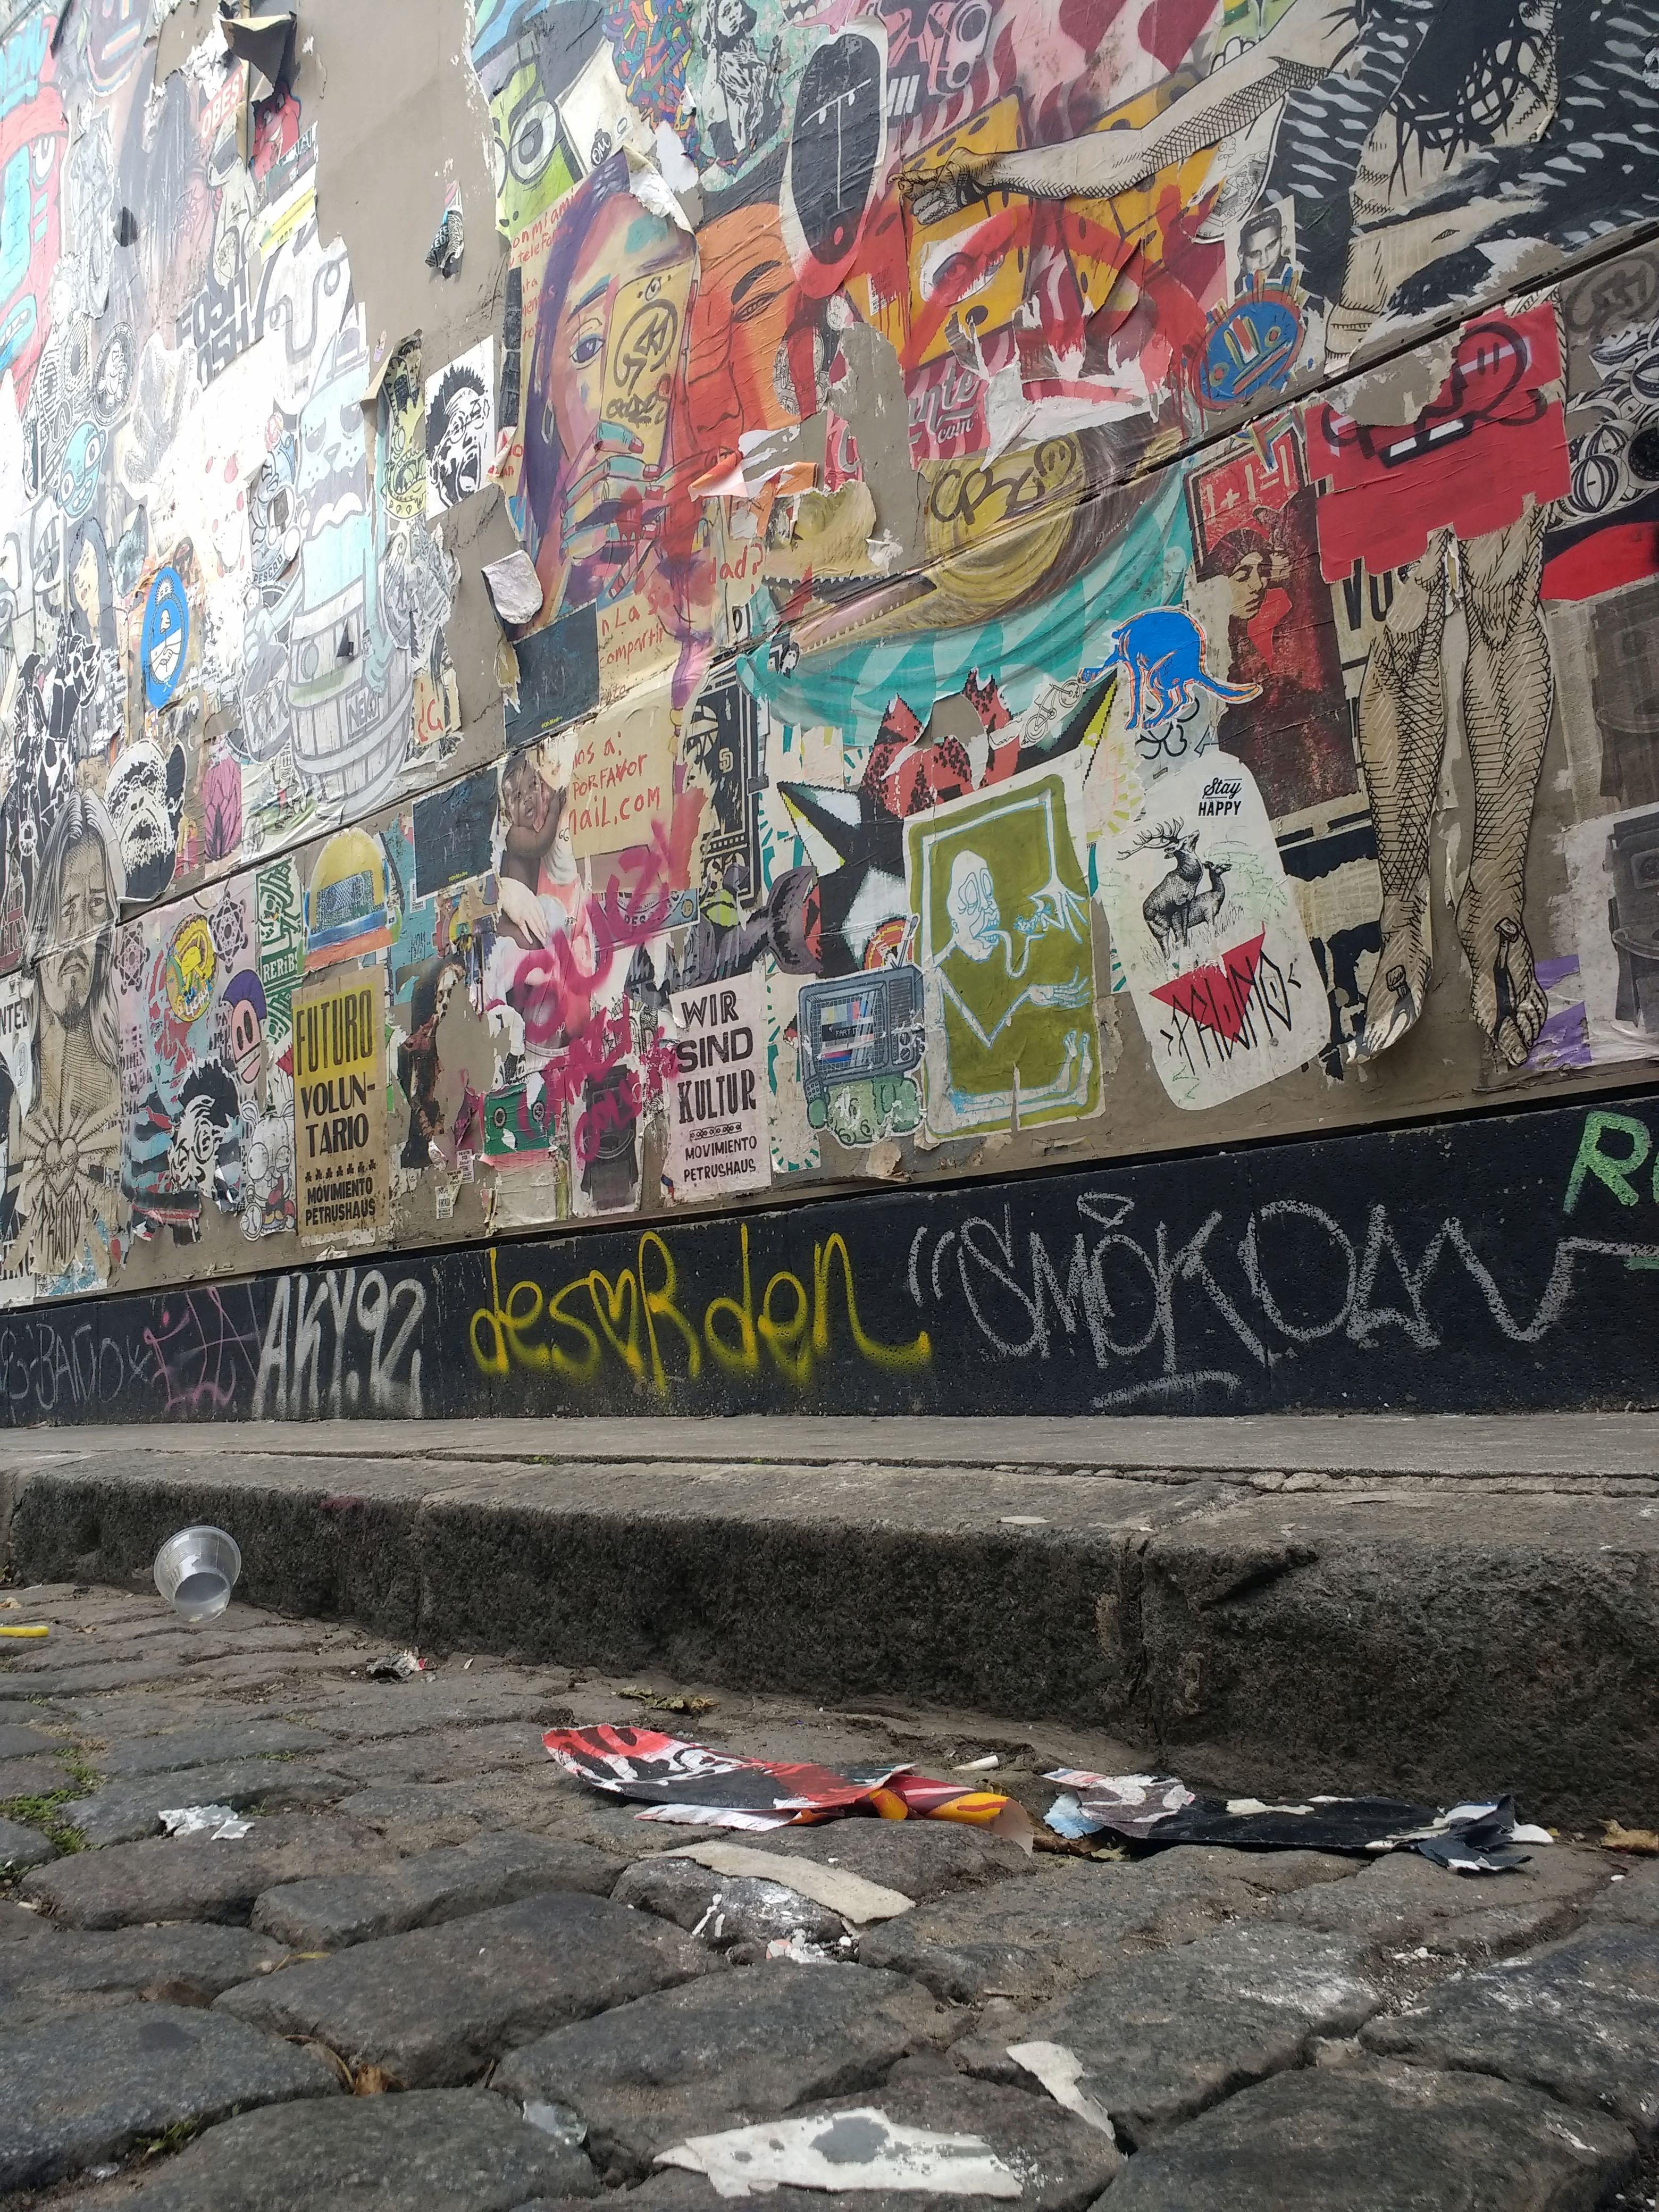 El mismo mural de Palermo, luego de las lluvias.